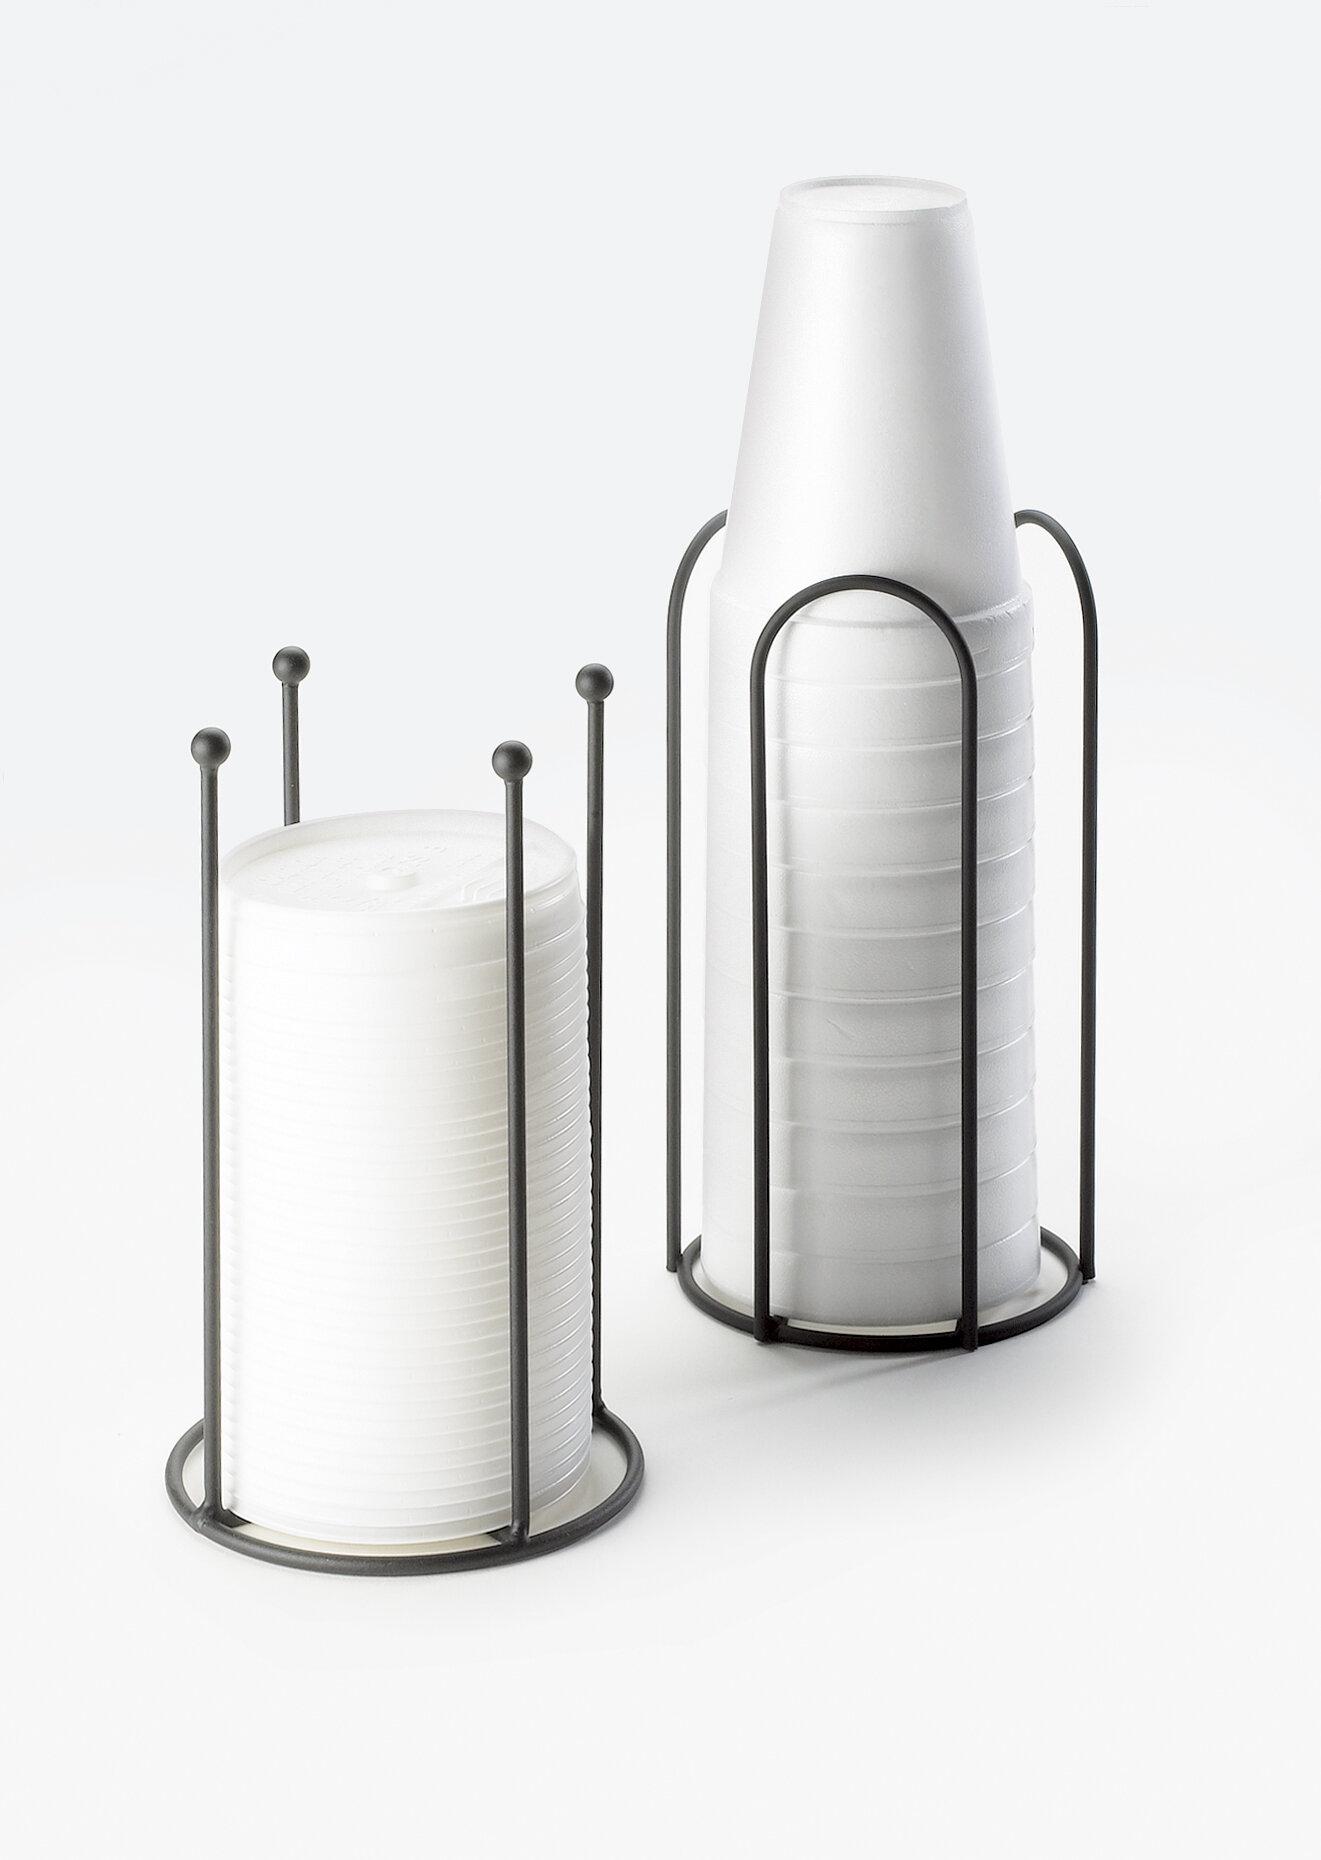 Cal-Mil Single Wire Cup/Lid Holder Display   Wayfair